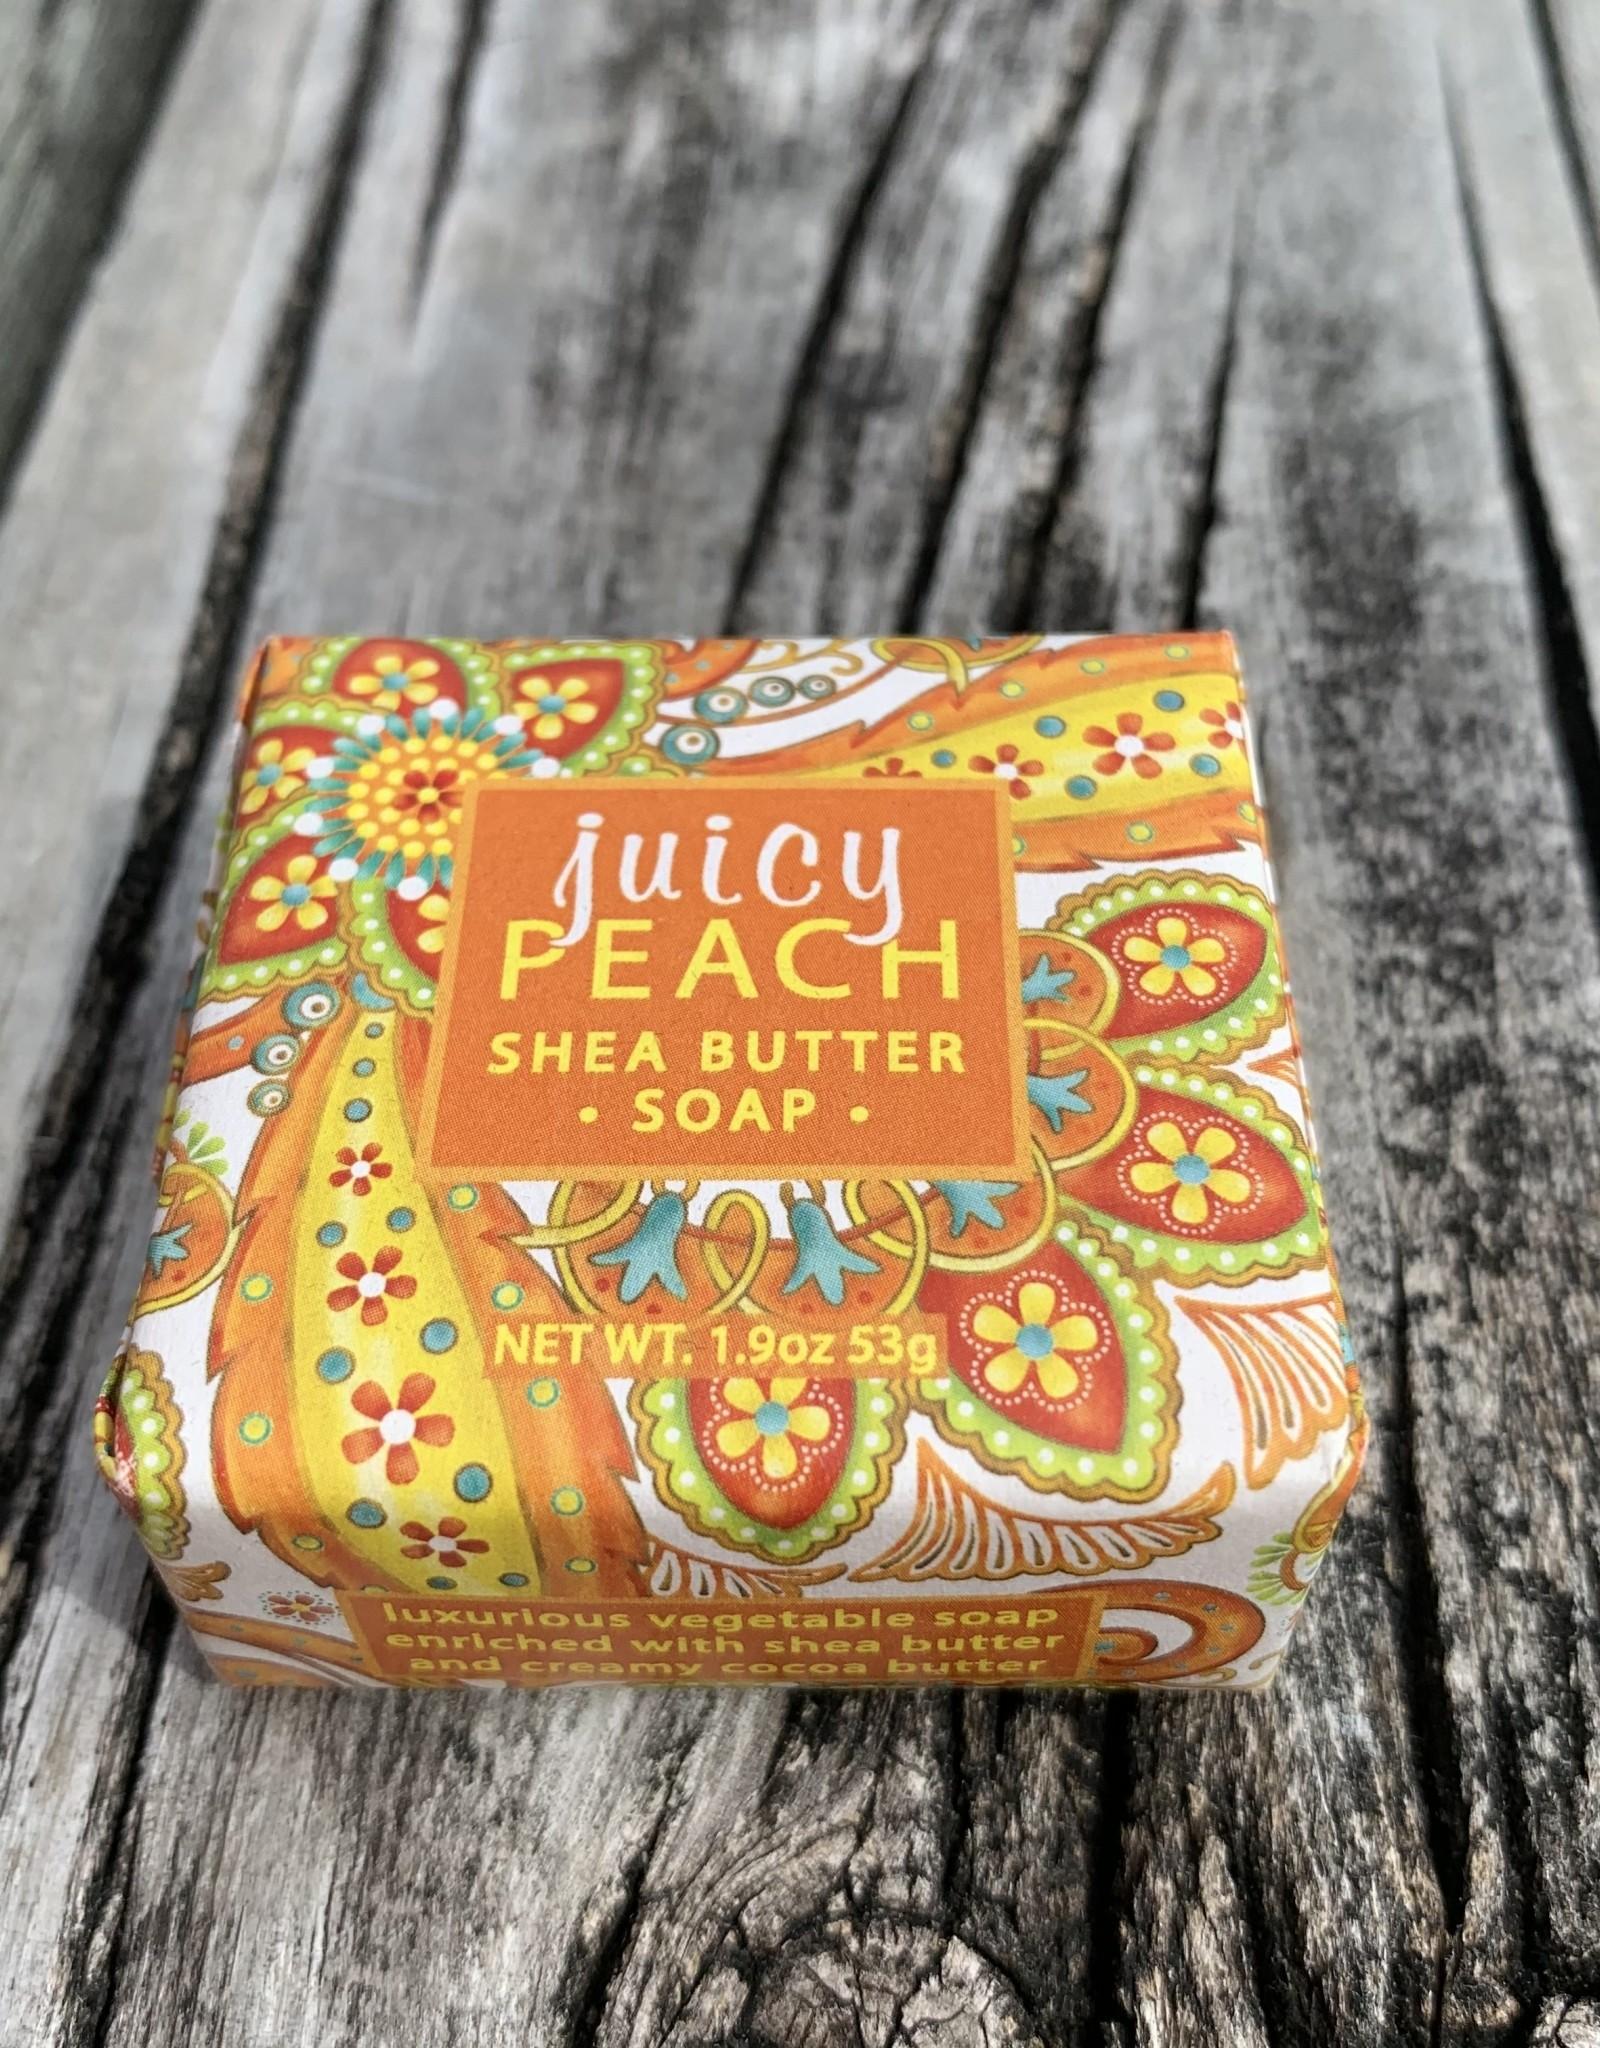 CUBE JUICY PEACH SOAP